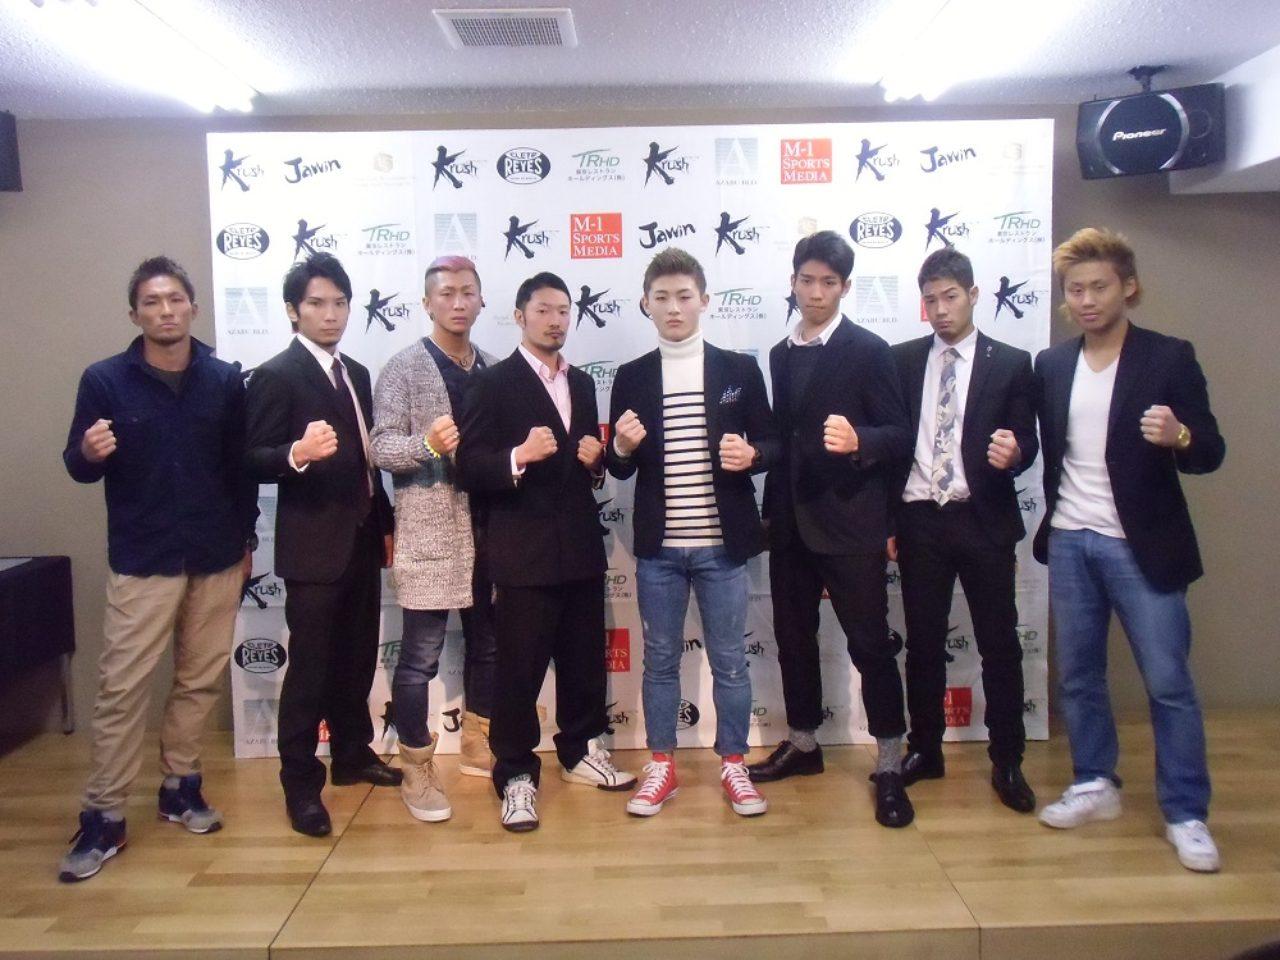 画像: 左から眞暢、佐々木大蔵、泰斗、原田ヨシキ、平本蓮、早坂太郎、東本央貴、南野卓幸